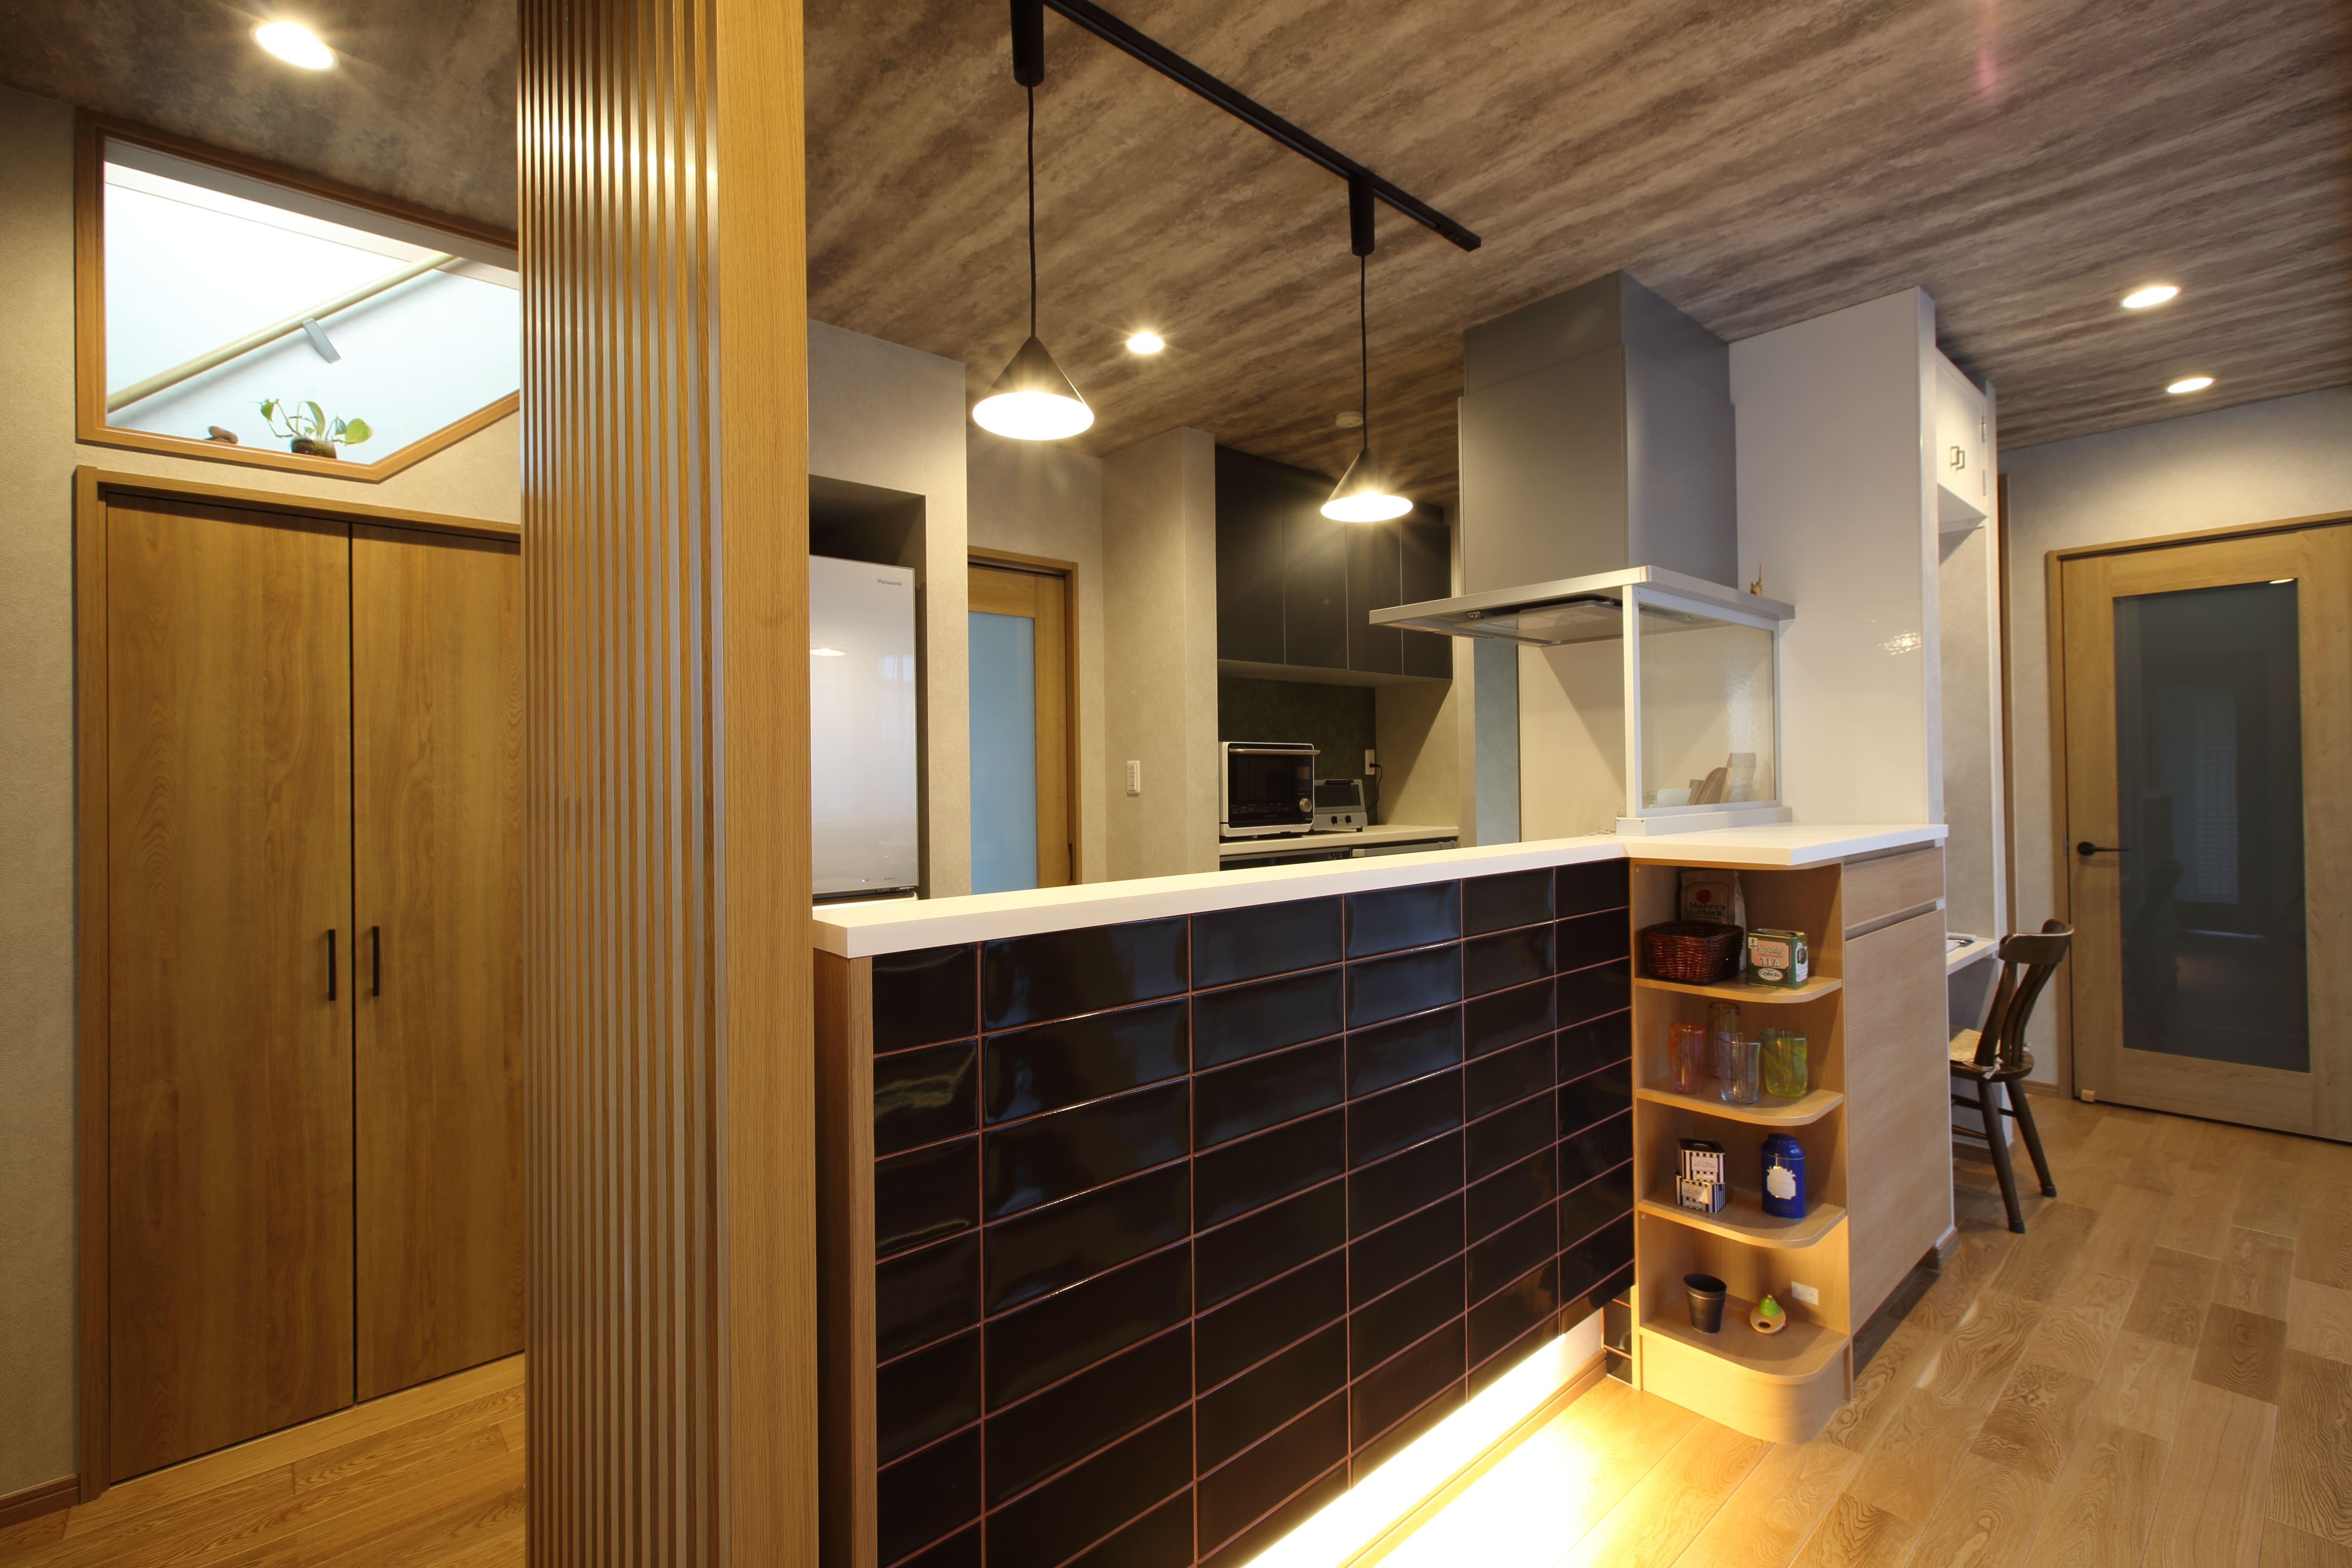 キッチン事例:キッチンは1階の中央に配置し、家族の顔が見えるように。(二世帯住宅を単世帯へ。明るく暖かいLDをはじめ、1階を中心にした快適な住まい。)